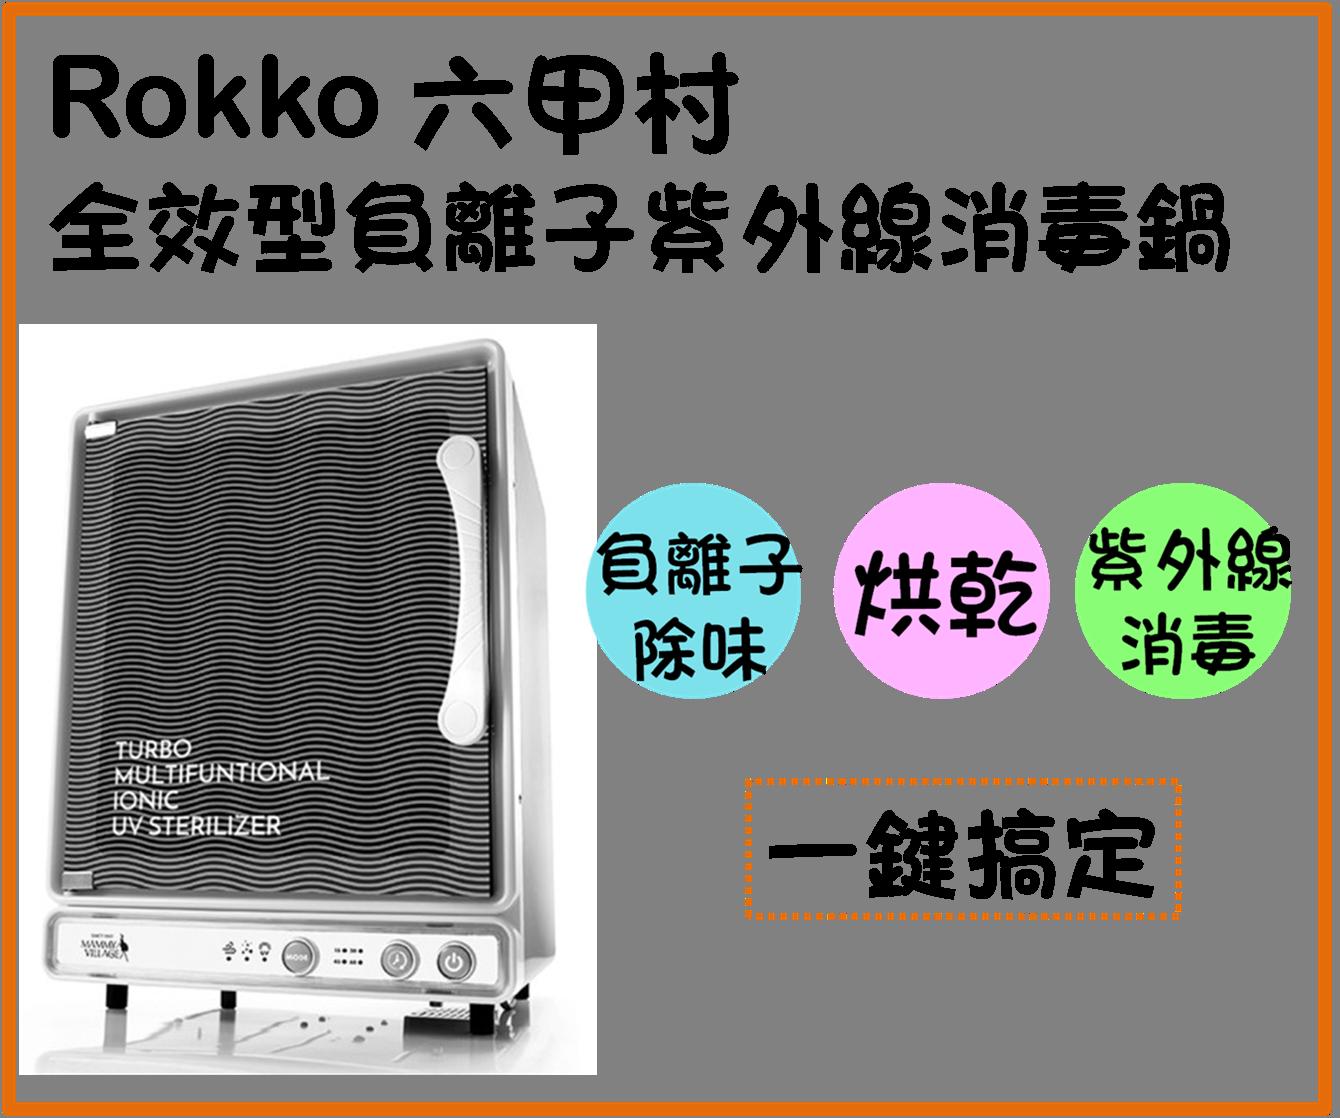 ❤ 歡慶雙12 ❤ 贈消毒鍋清潔劑 六甲村 Rokko全效型紫外線消毒鍋 0